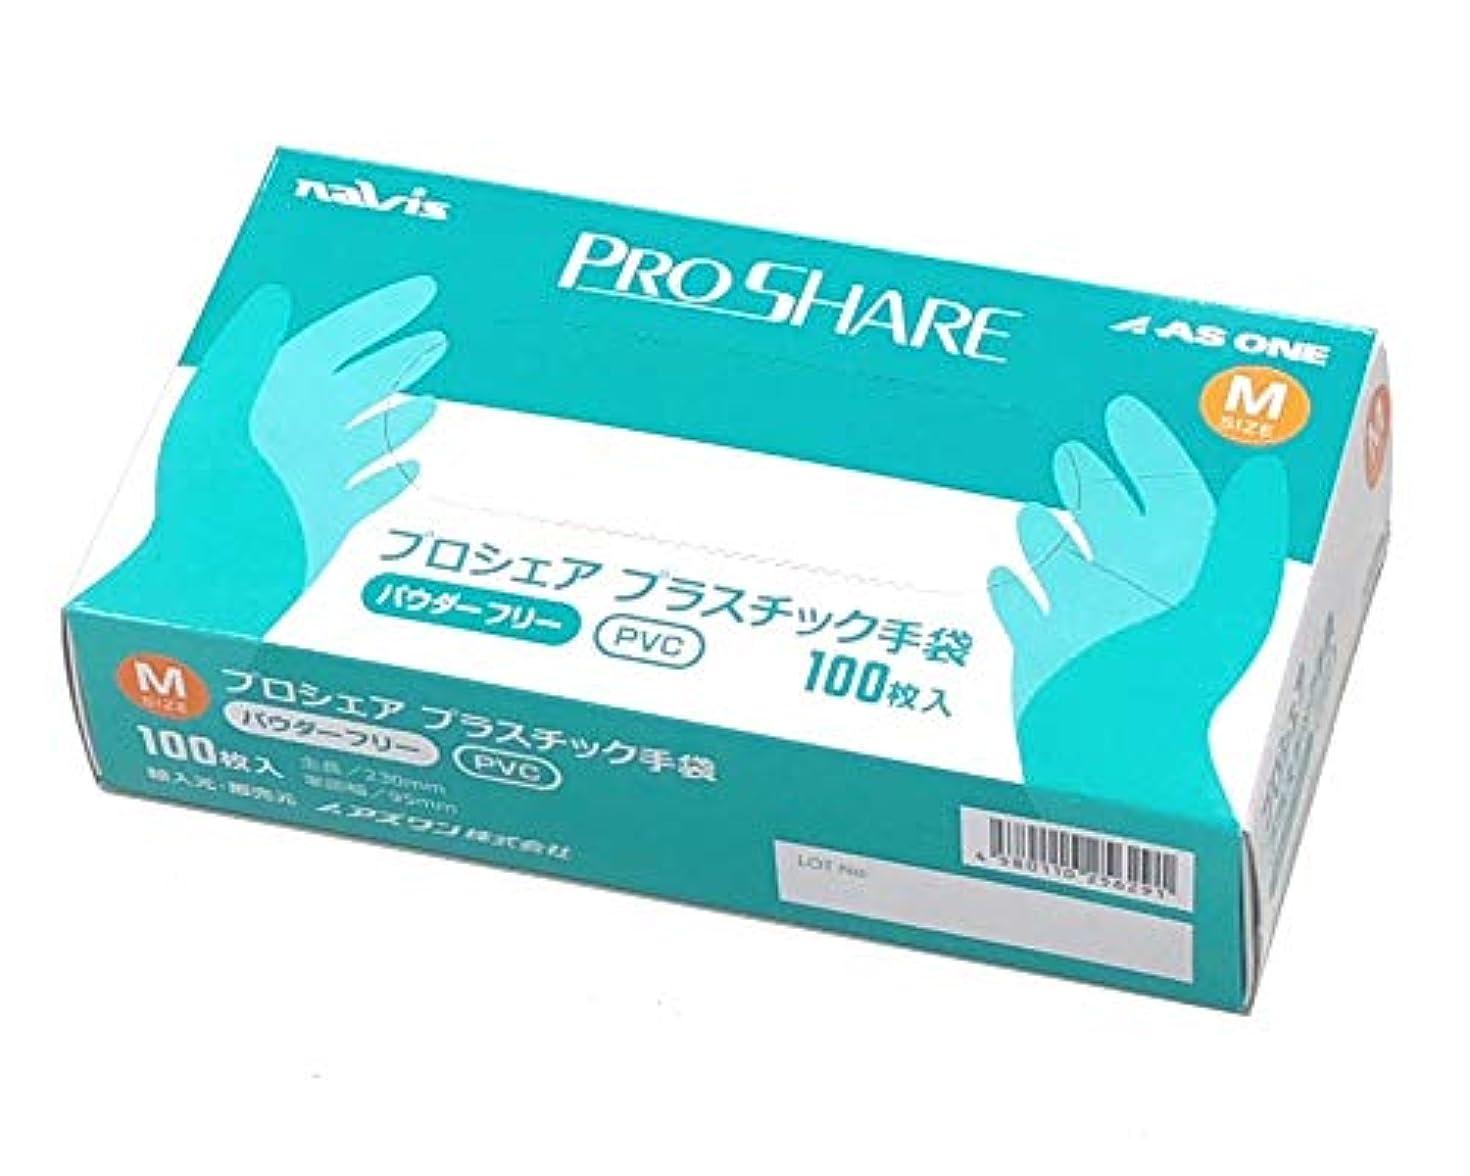 絶壁良い腹部ナビス プロシェア 使い捨て プラスチック手袋 パウダー無 M 1箱(100枚入) / 8-9569-02